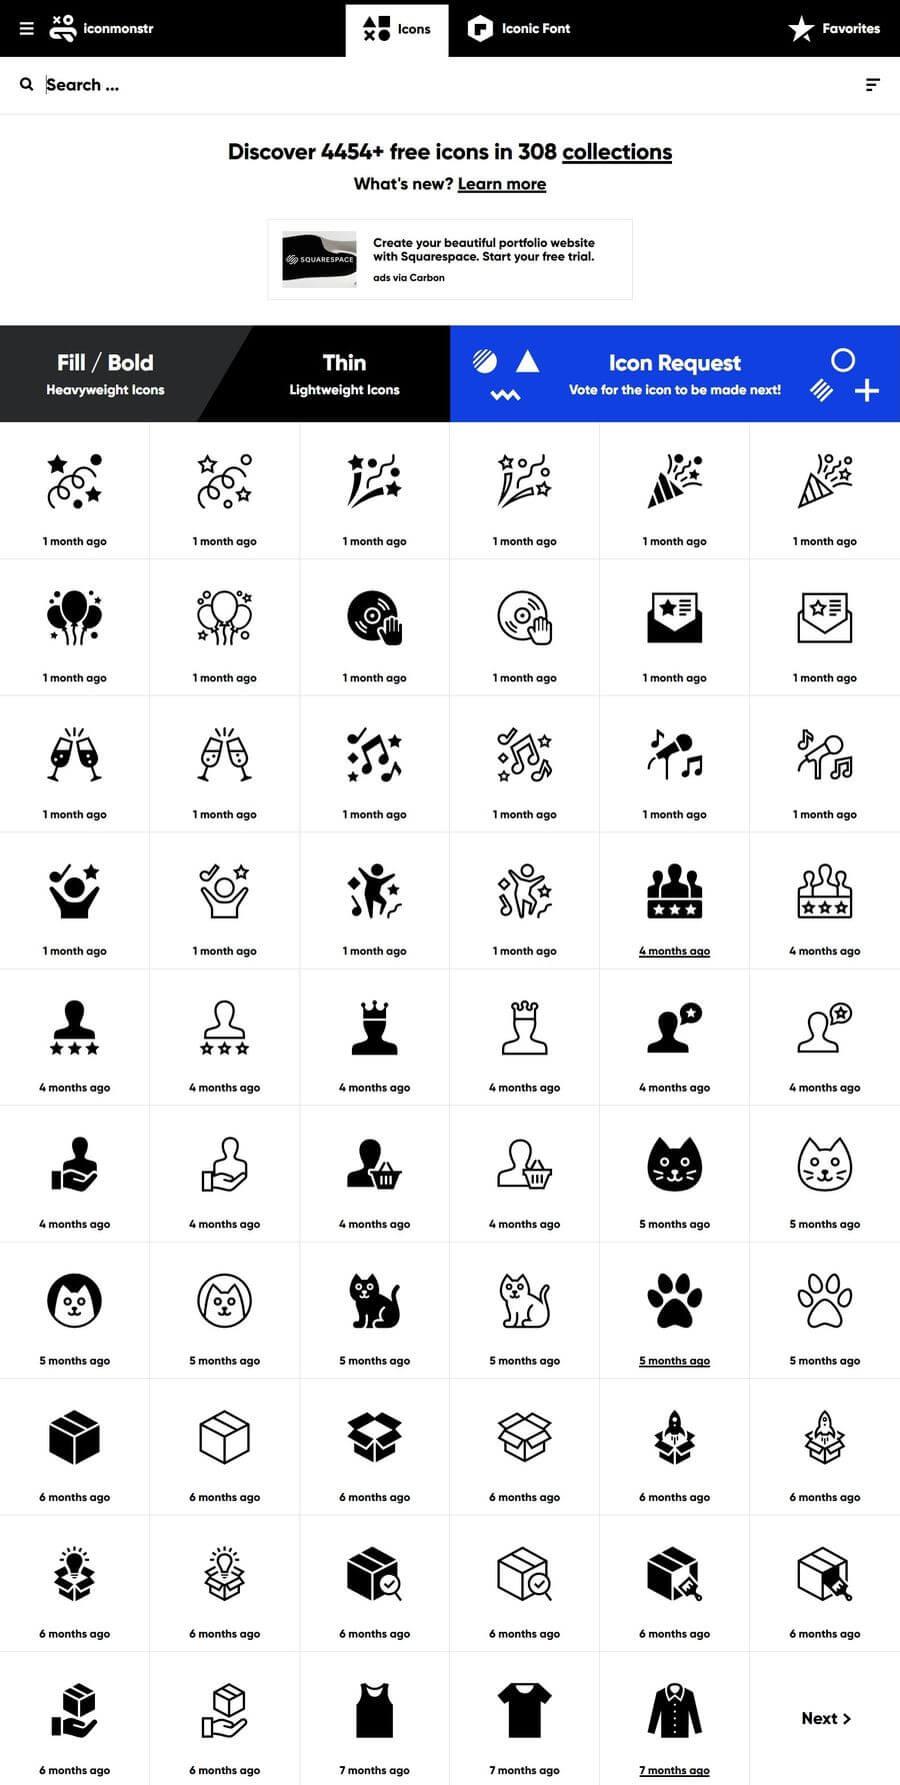 Iconmonstr: miles de iconos gratuitos para descargar y personalizar online